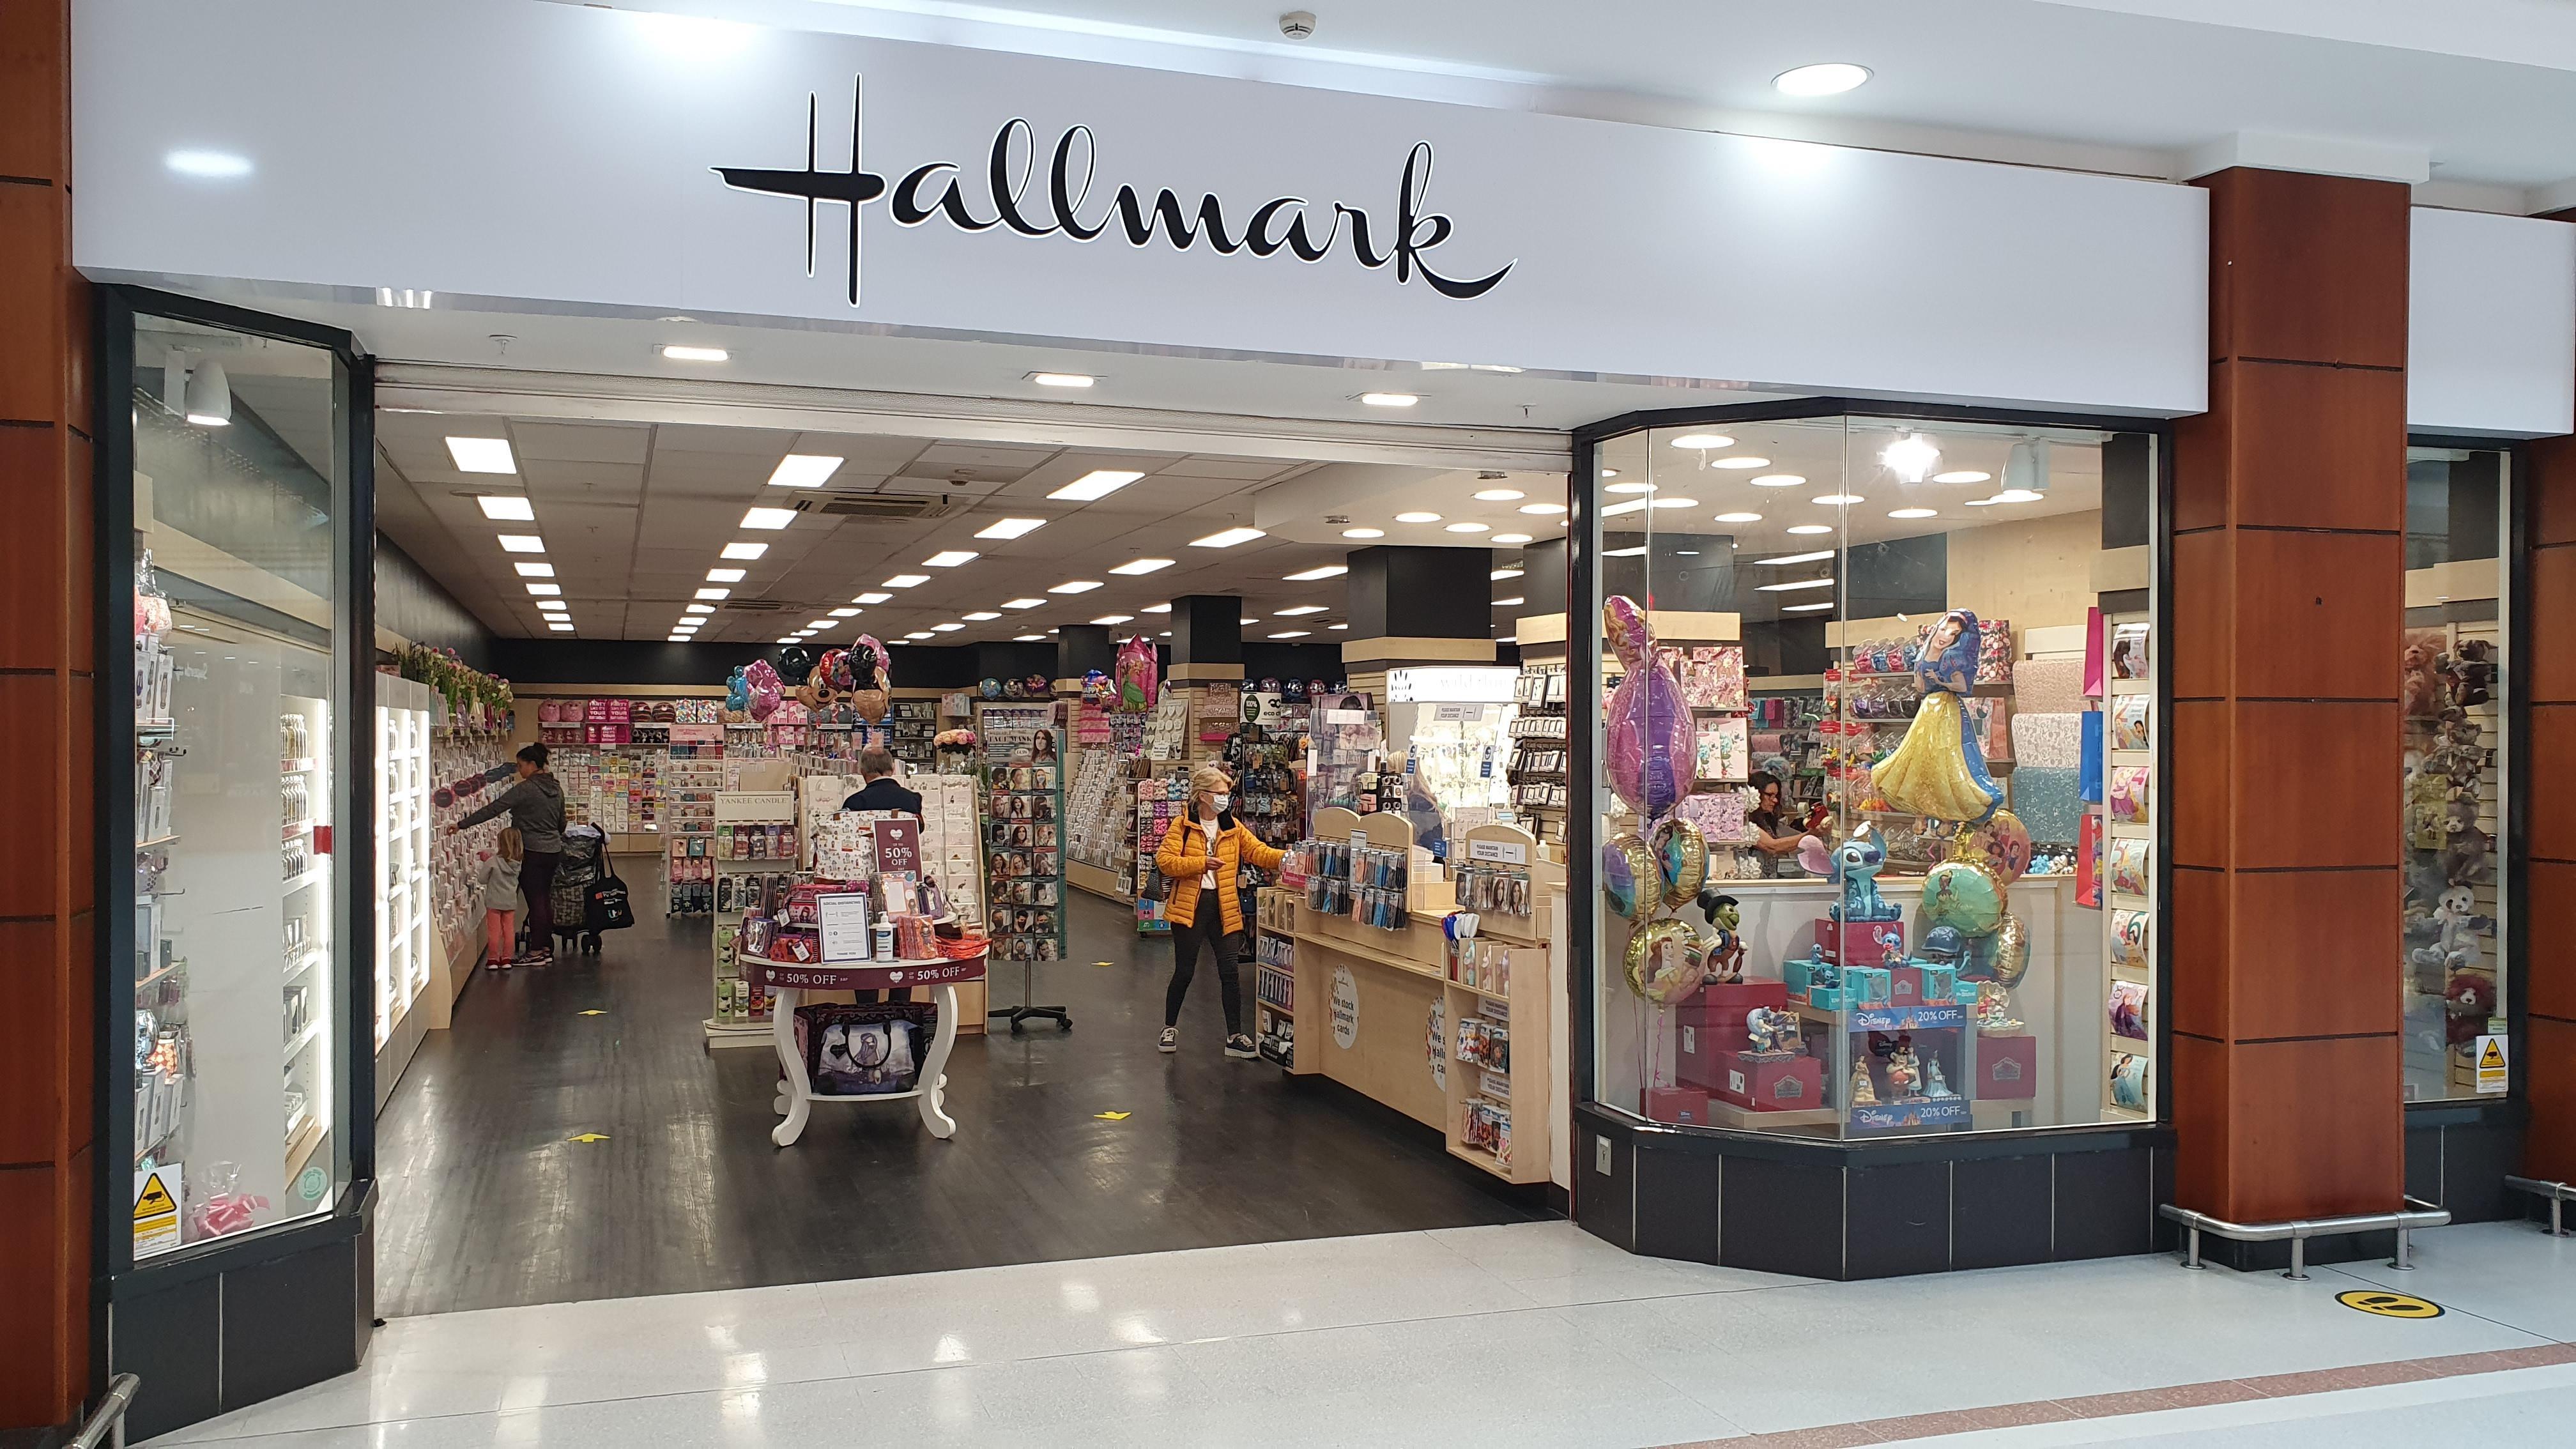 Above: Cardzone's new store in Belfast's prestigious Forestside centre has a Hallmark fascia.